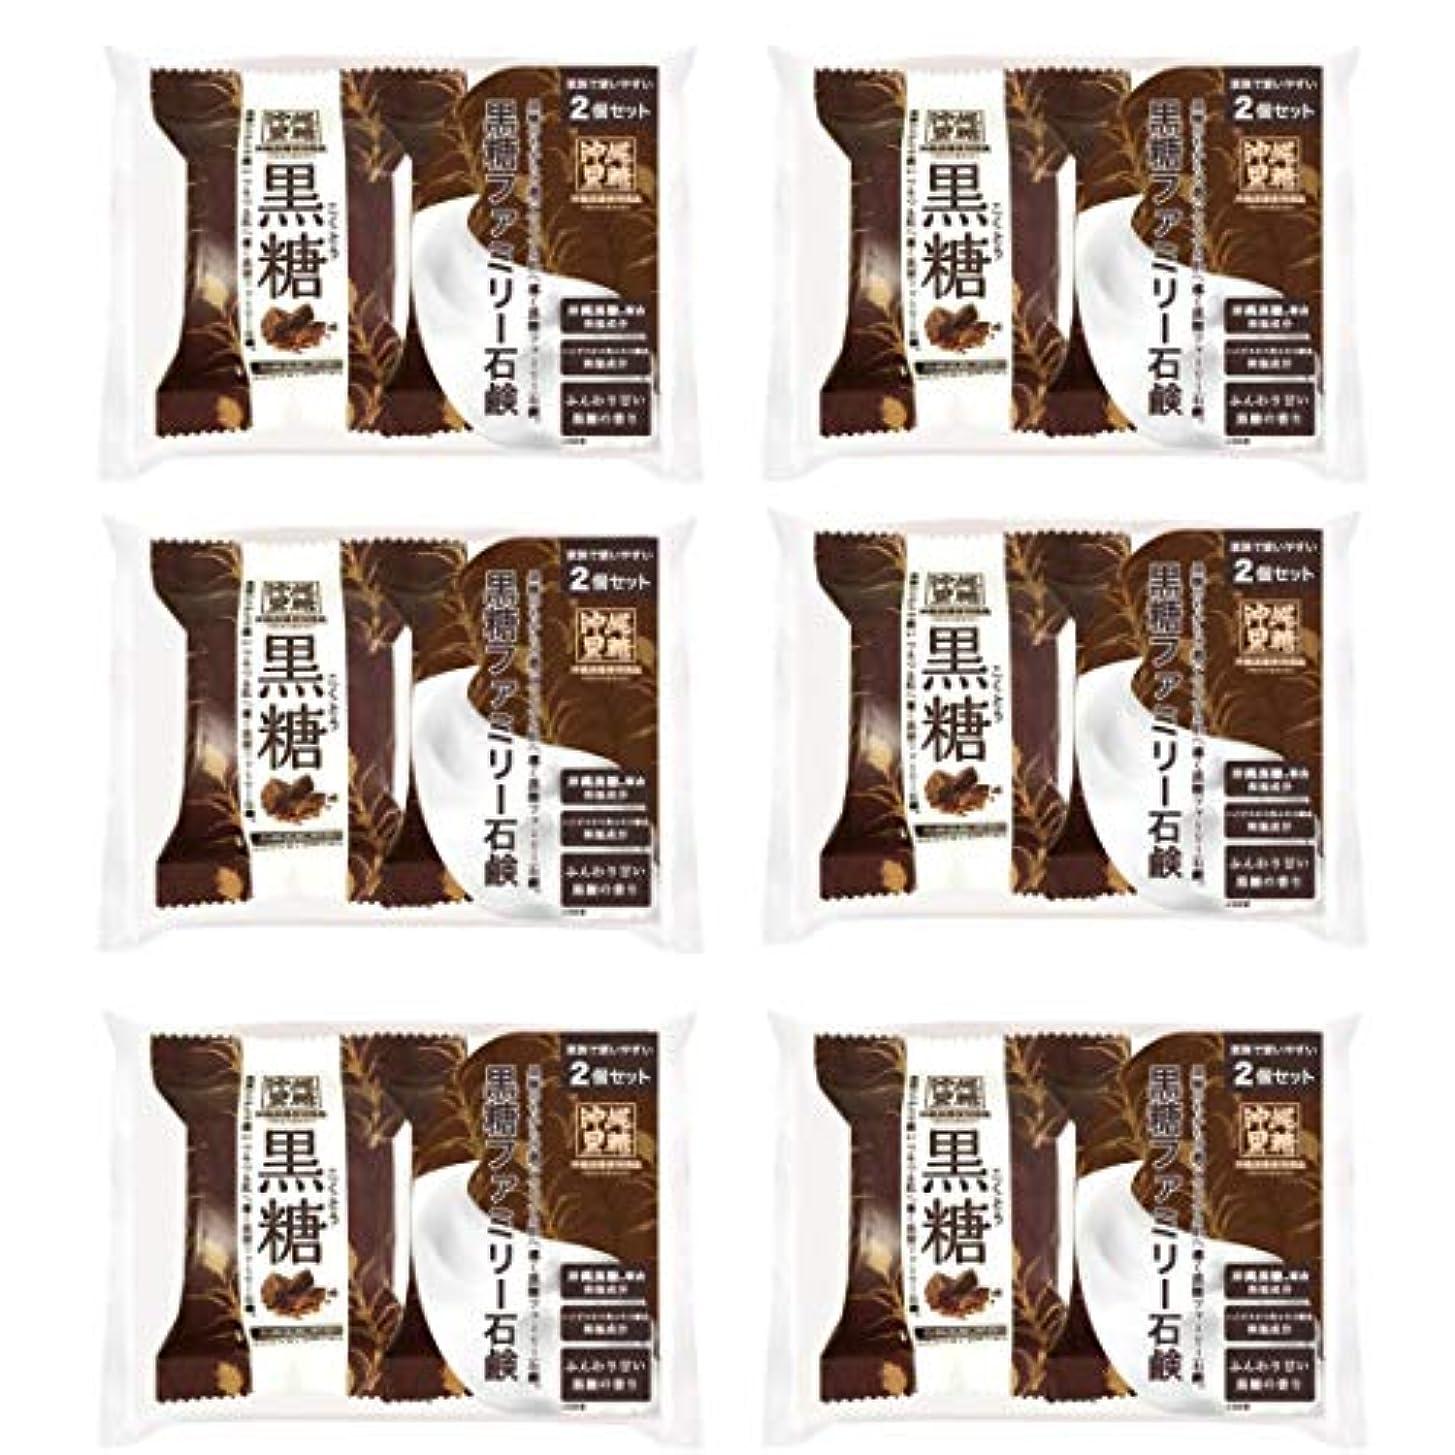 ワゴン栄光の評議会【6個セット】ペリカン石鹸 ファミリー黒糖石鹸 80g×2個